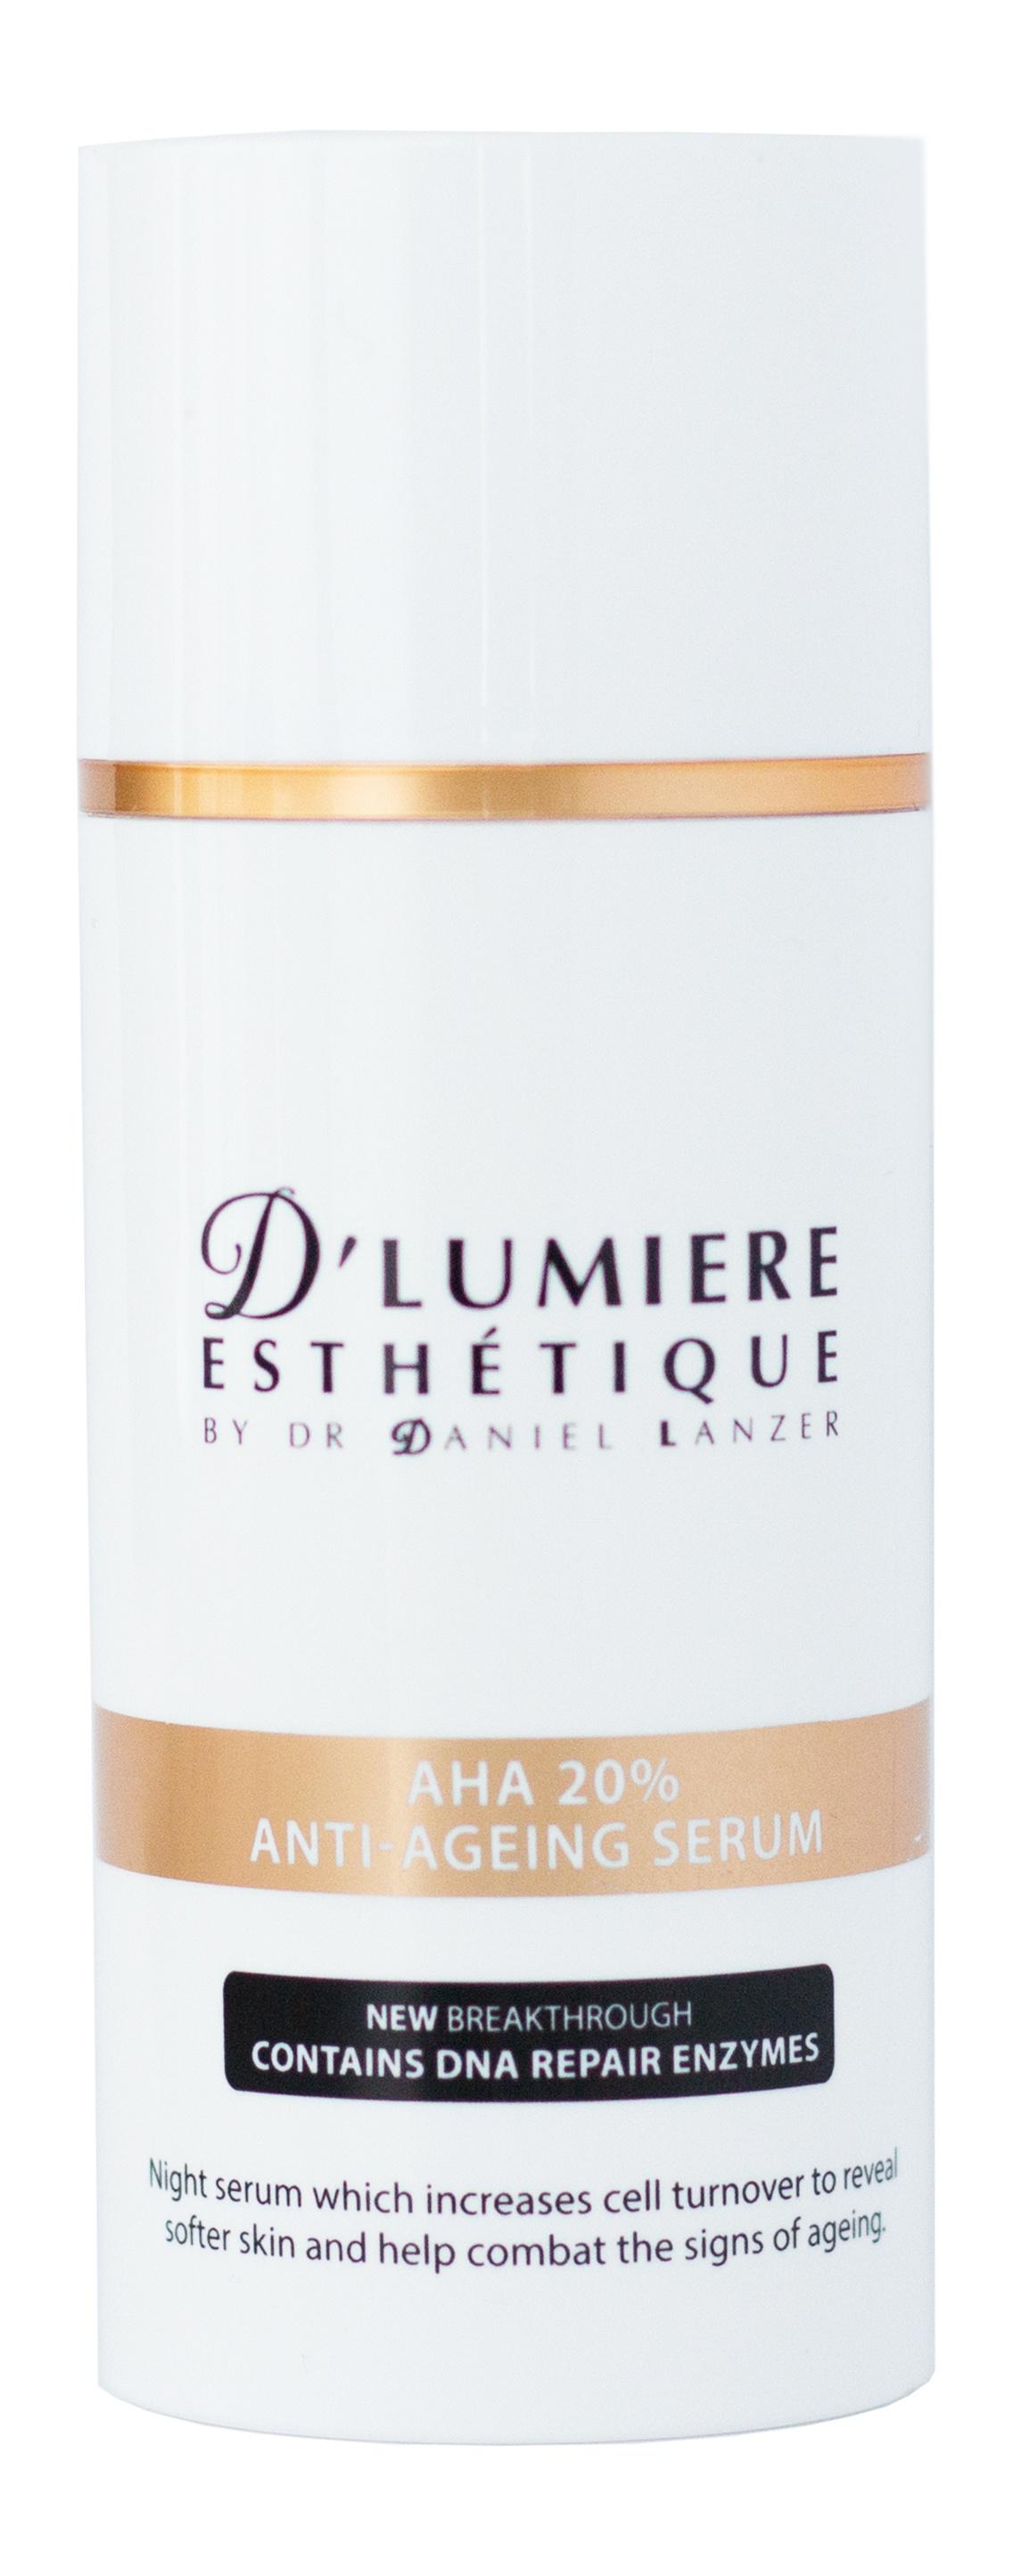 D'lumiere Esthetique Aha 20% Anti Aging Serum